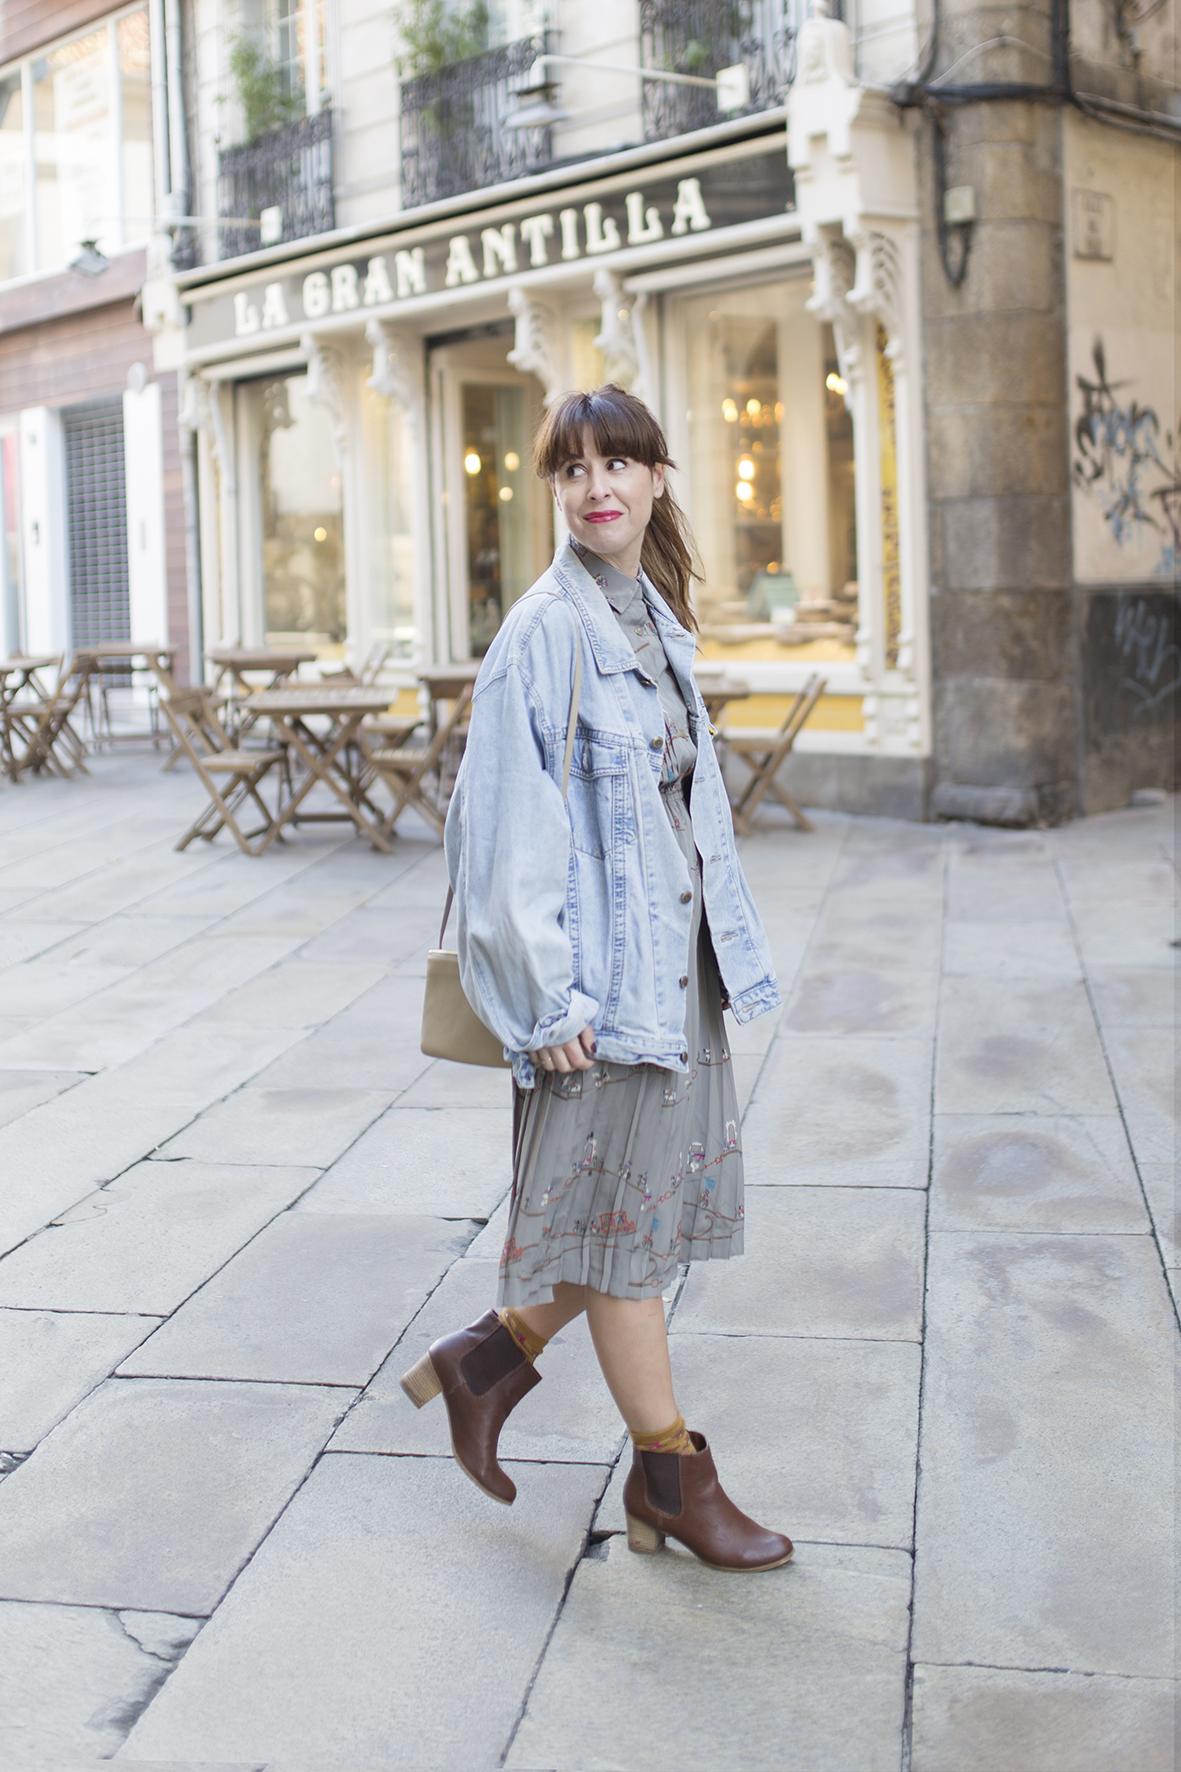 descalzaporelparque -blogger-moda-calle- denim jacket- streetstyle - coruña -galicia-alba cuesta